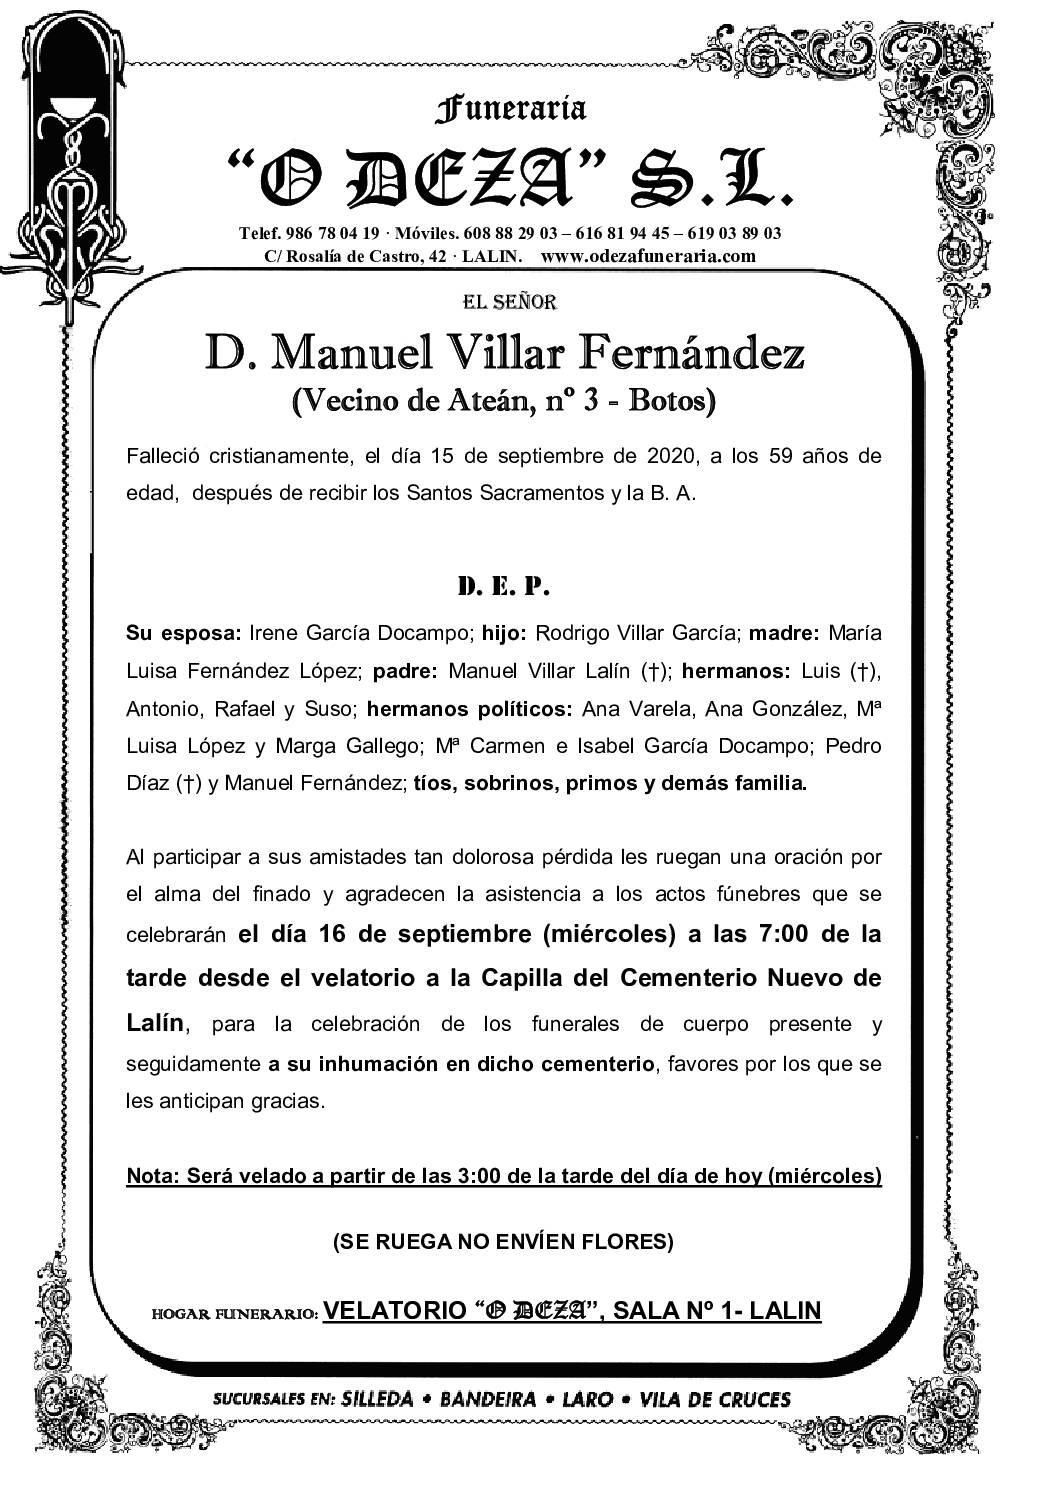 D. MANUEL VILLAR FERNÁNDEZ